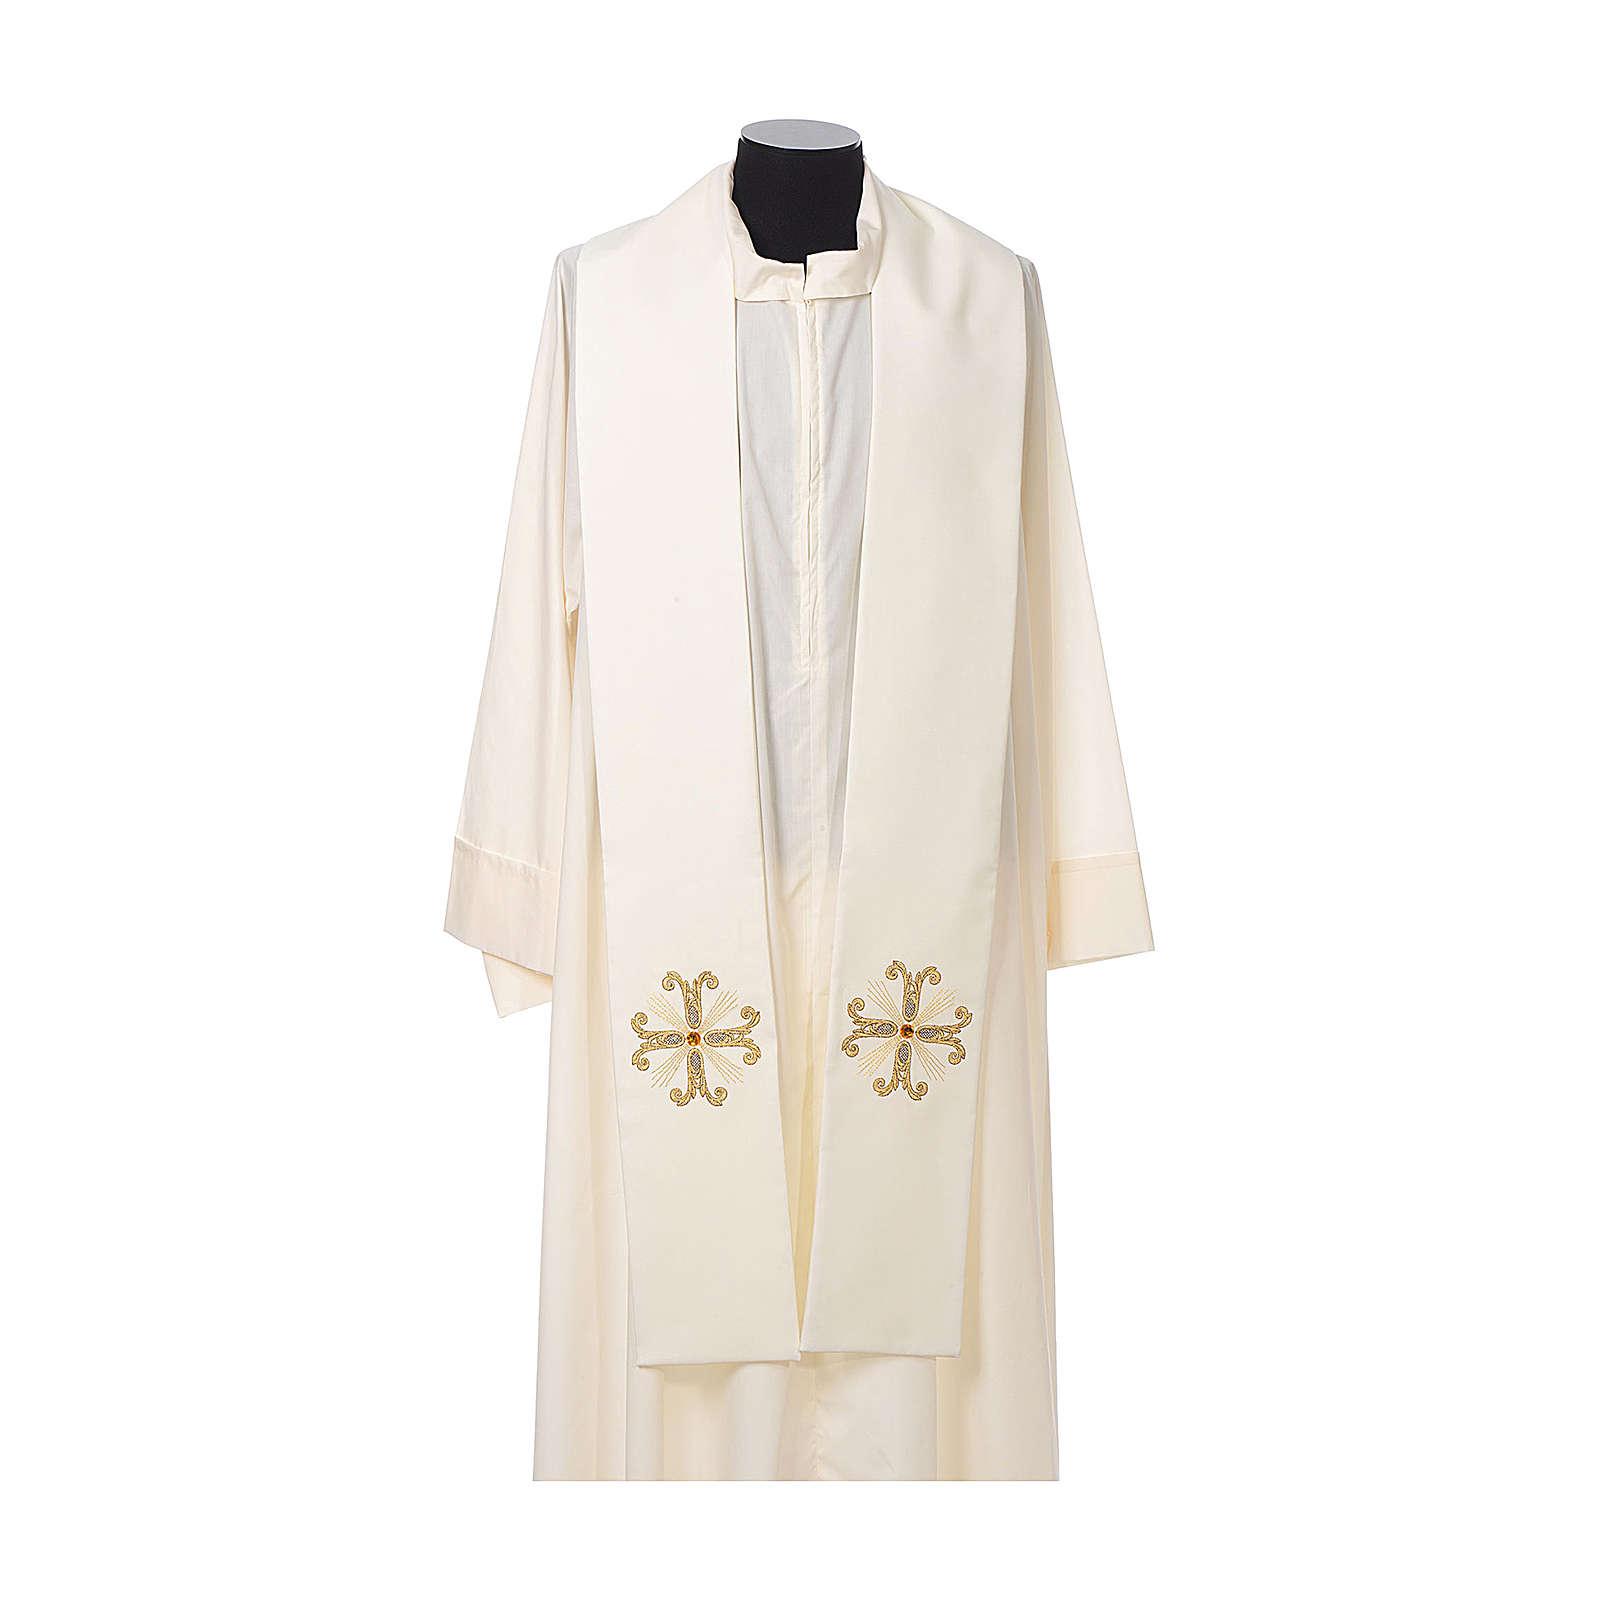 Estola sacerdotal cruz com conta vidro 4